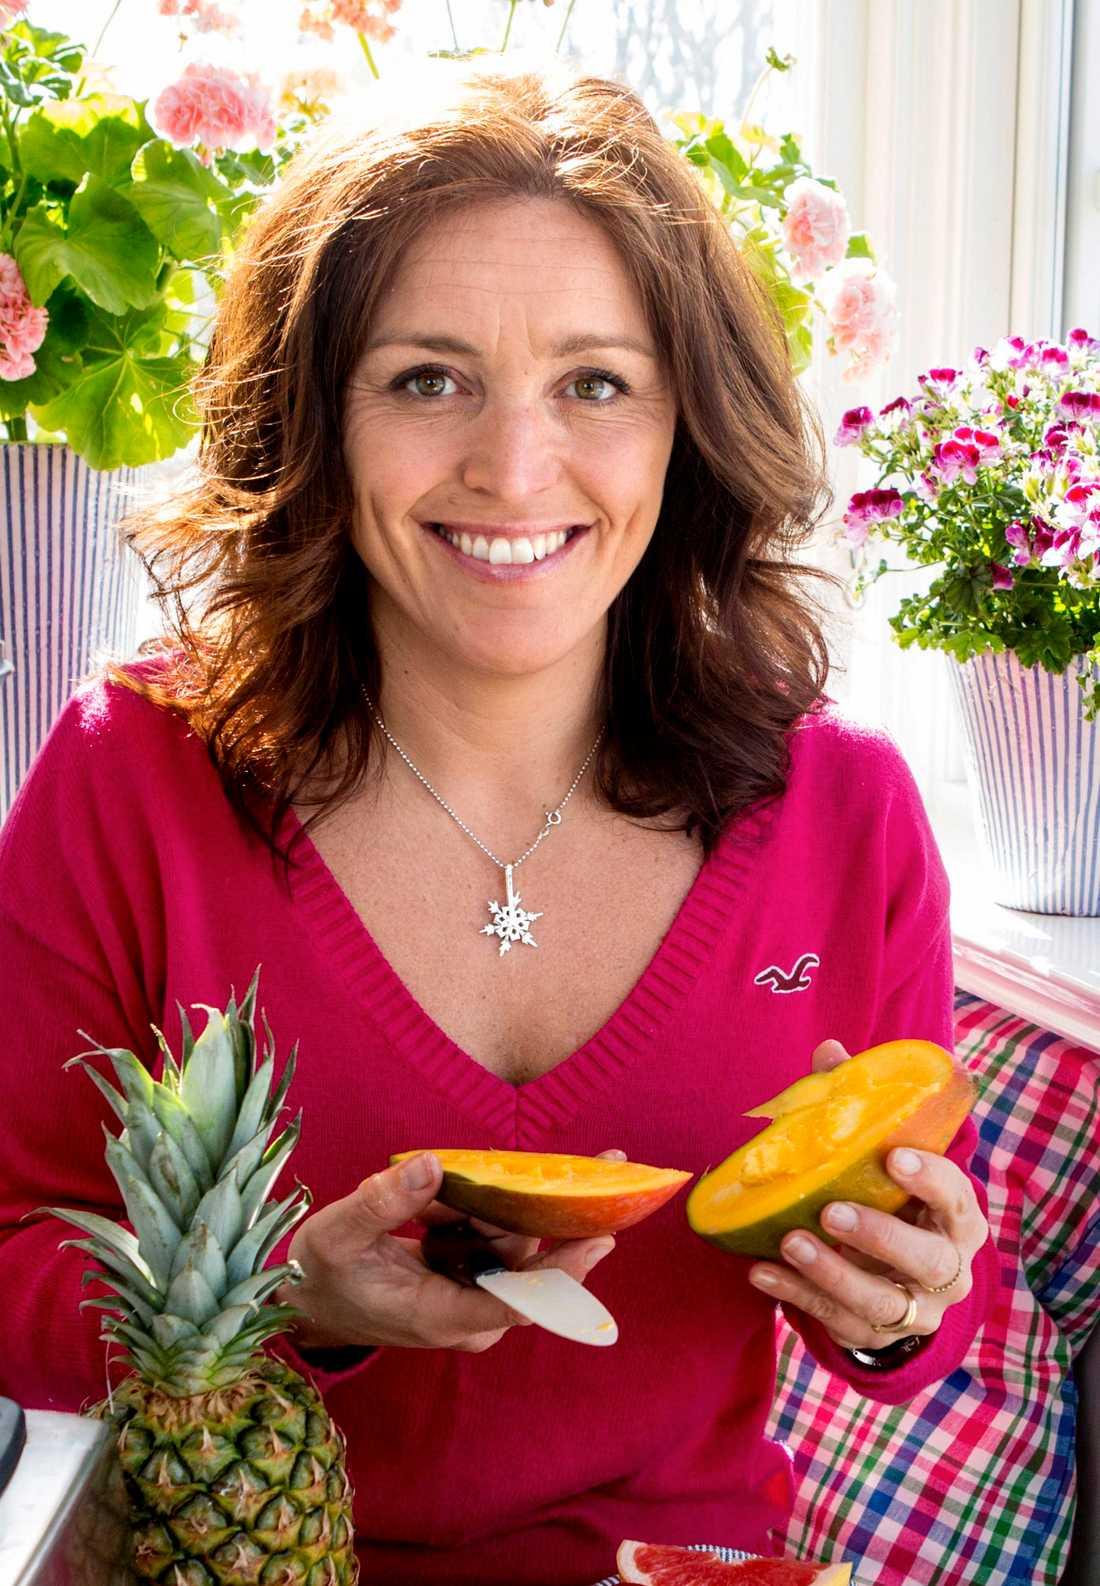 Ulrika Davidsson är kostrådgivare och kokboksförfattare.